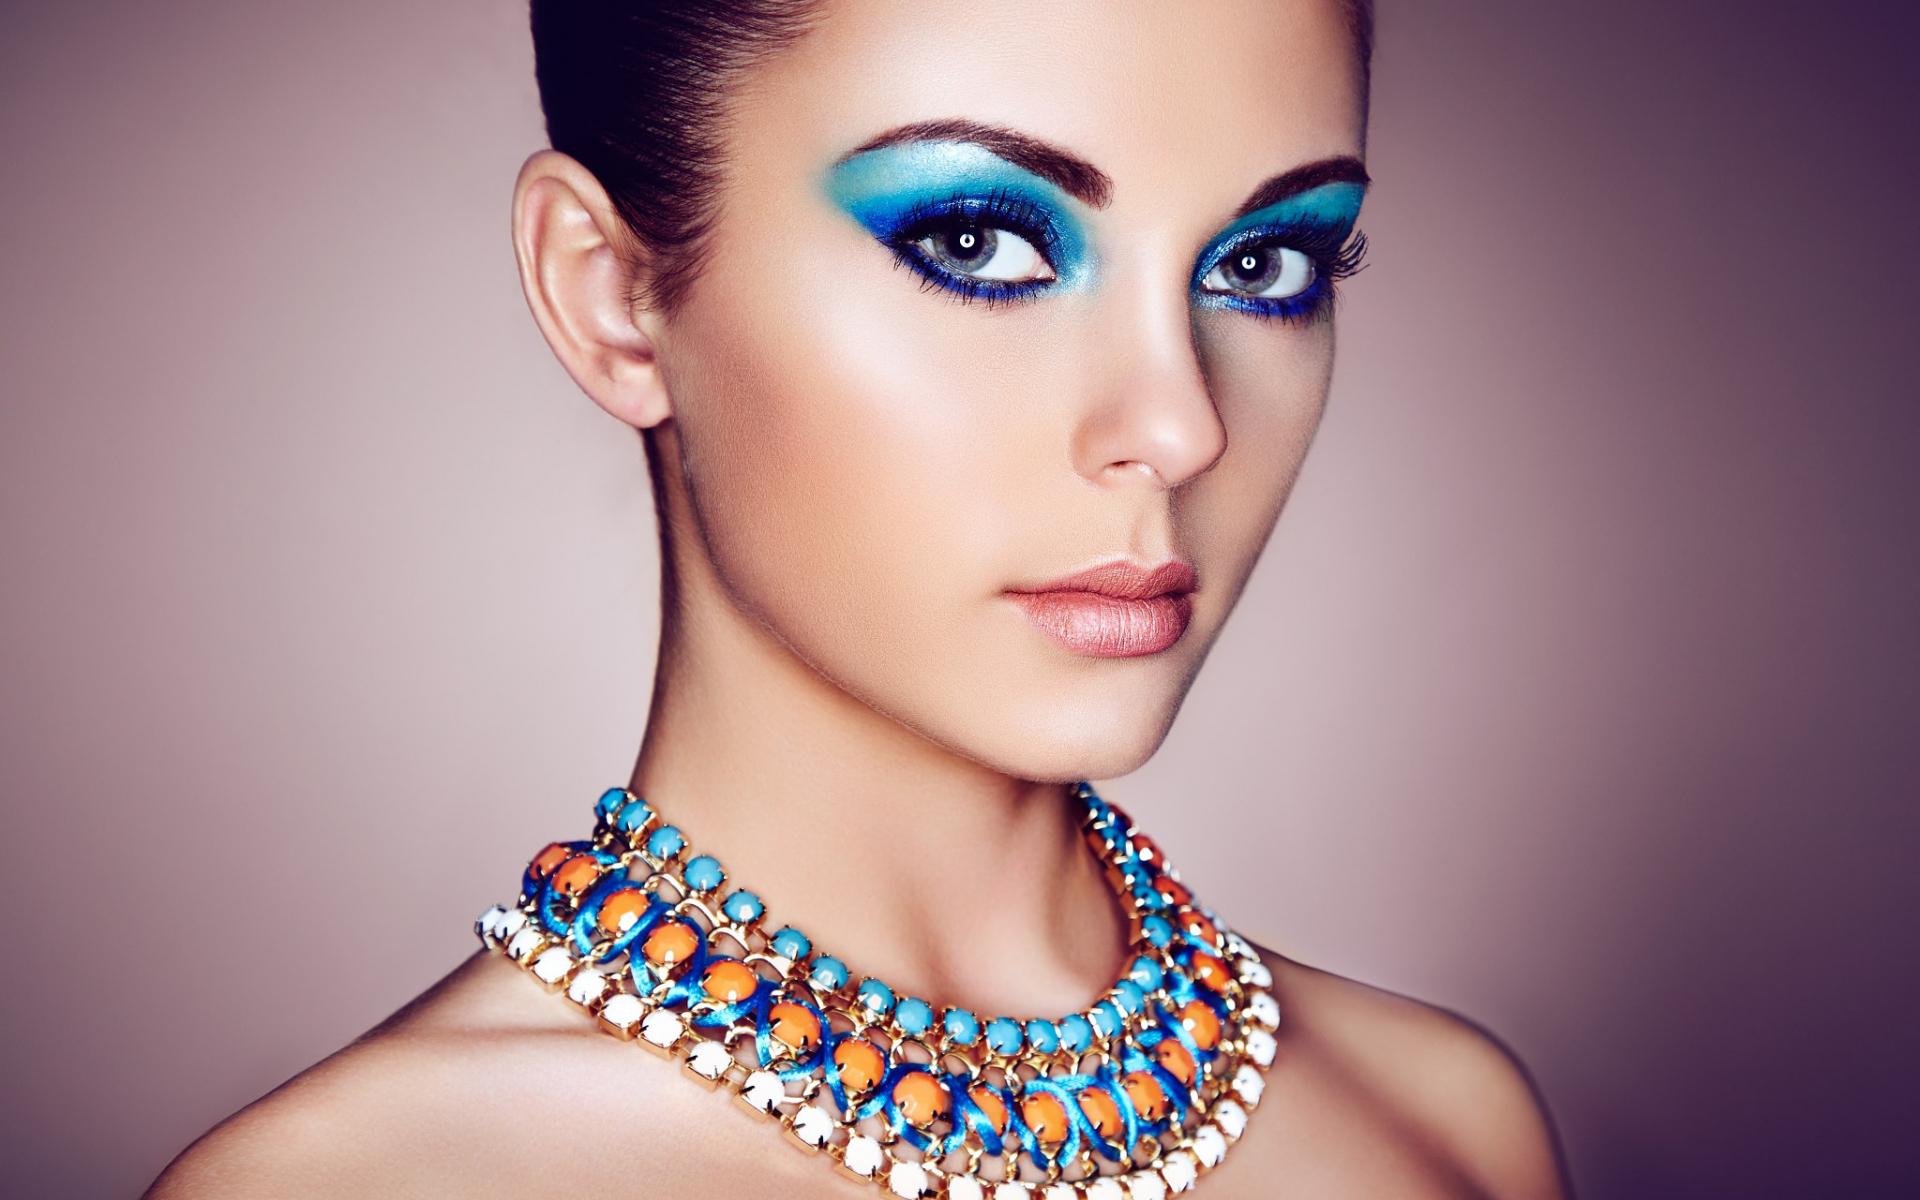 Desktop Wallpaper Girl Model Makeup Necklace Hd Image Picture Background Jard50